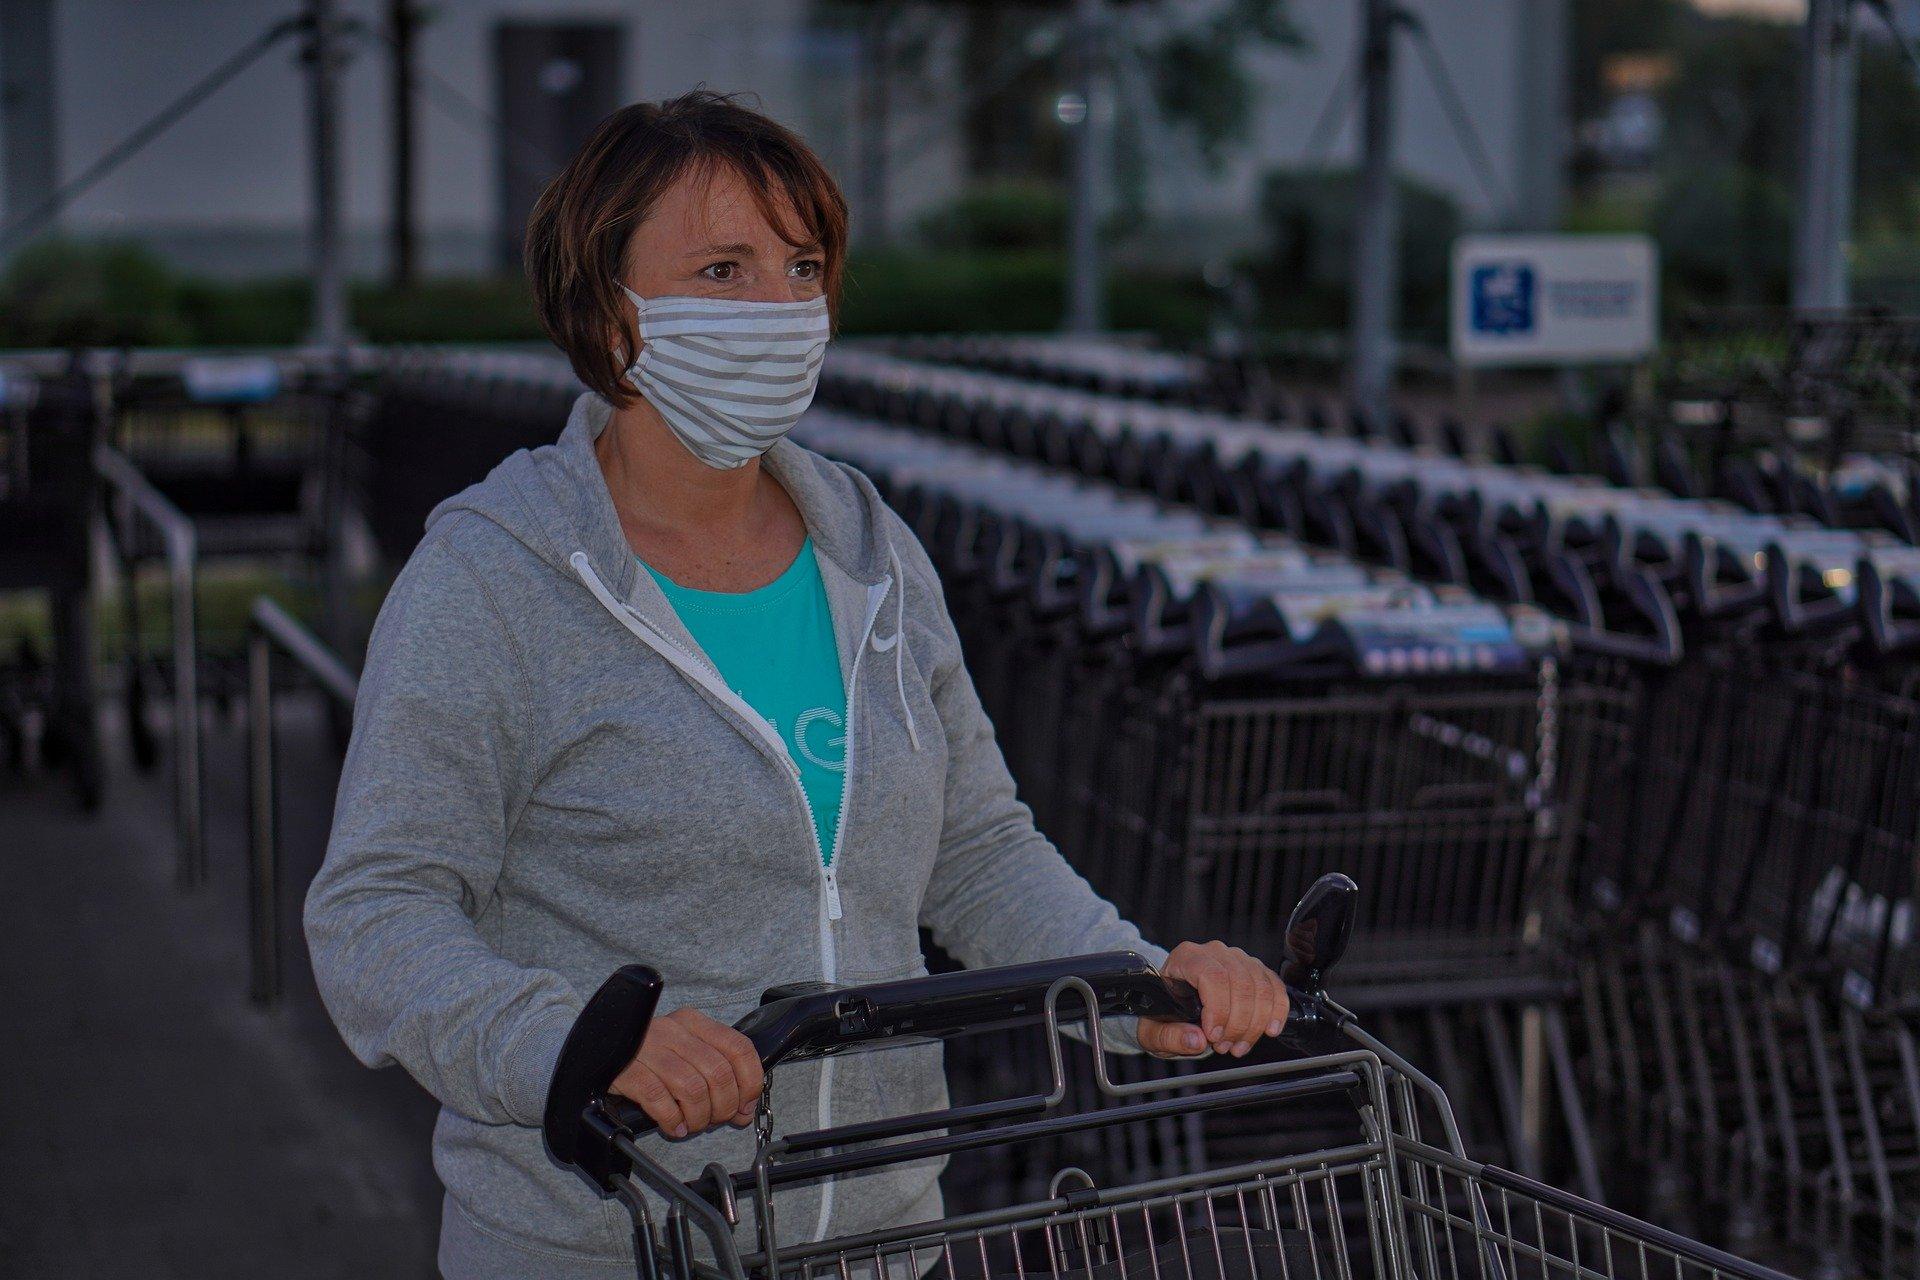 Zaščite maske še obvezne, toda ne povsod